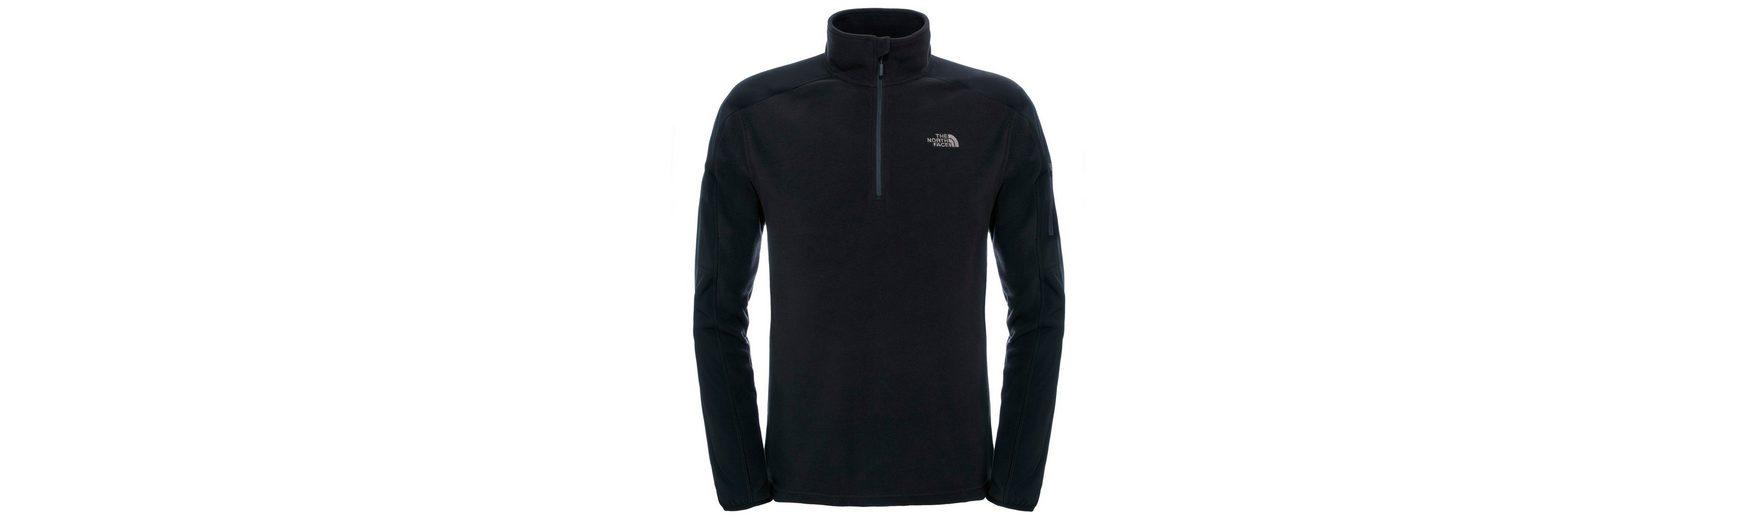 The North Face Pullover Glacier Delta 1/4 Zip Fleece Jacket Men Rabatt Amazon Klassisch Billig Verkauf Am Besten Bester Verkauf Zum Verkauf Günstig Kaufen Die Besten Preise nZ4rop4Gp